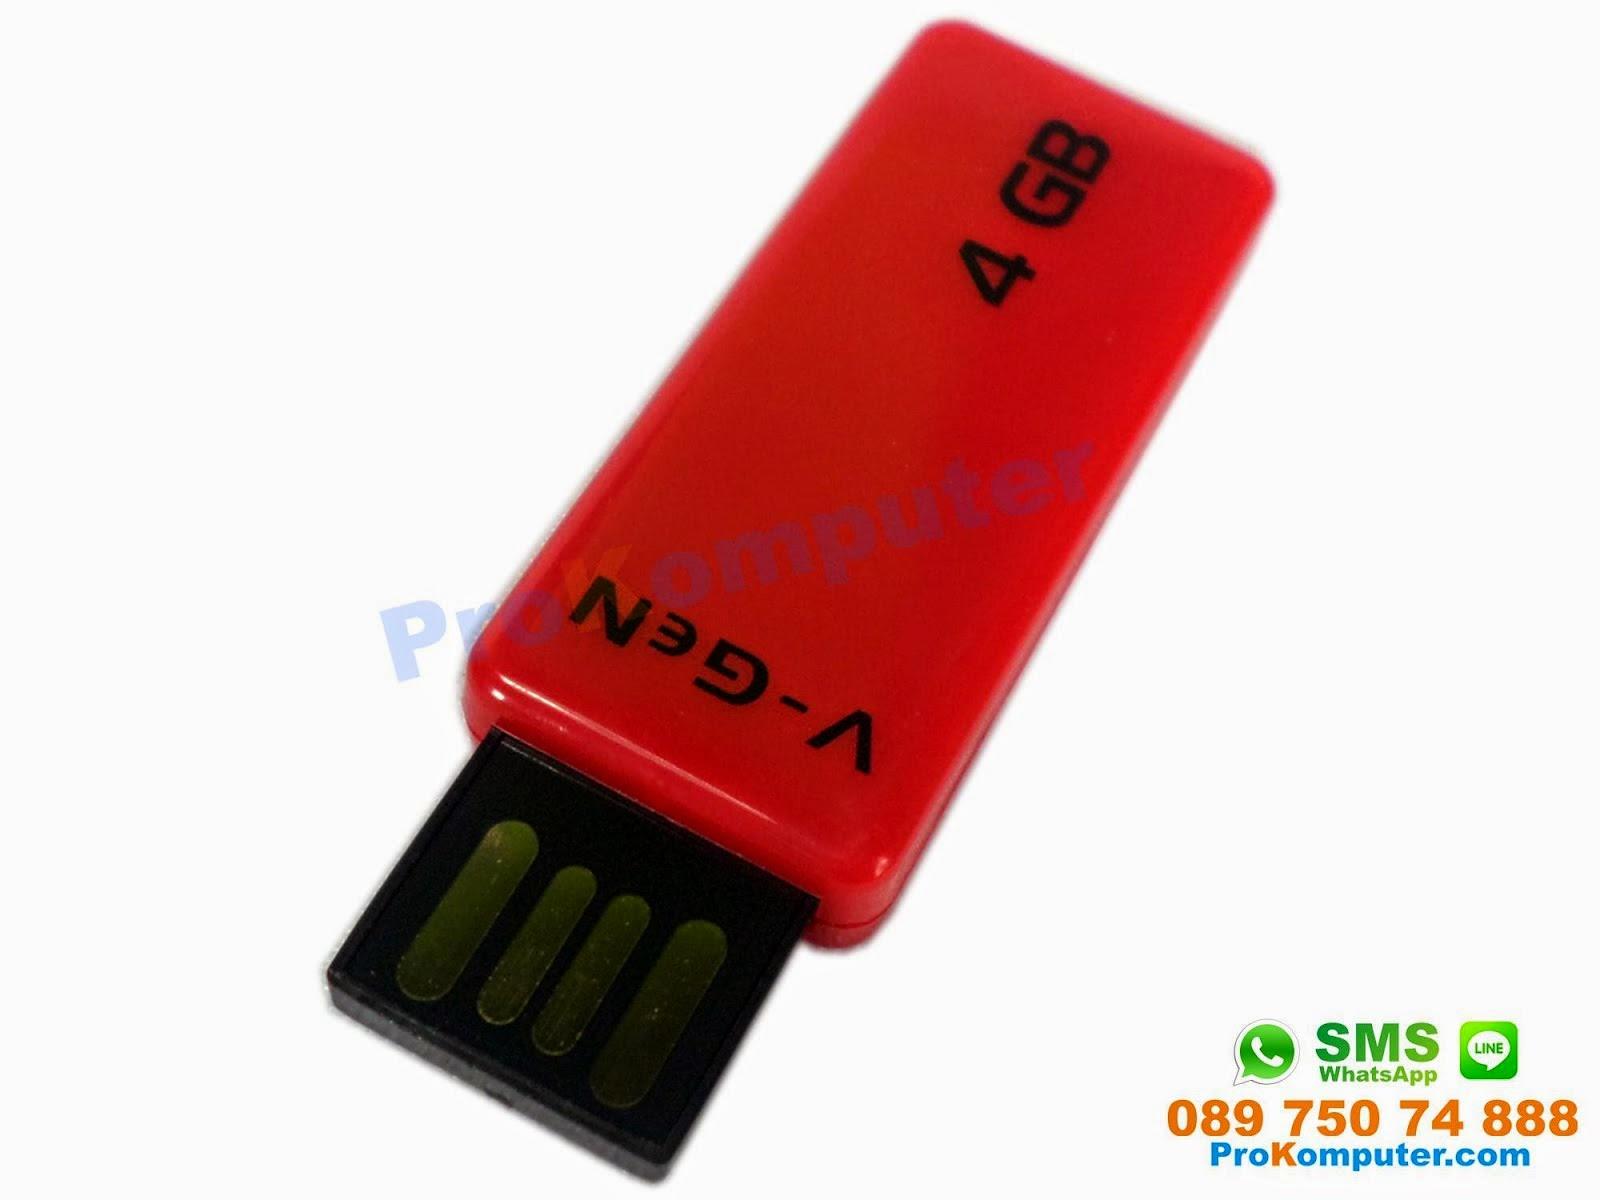 Prokomputer Flashdisk Vgen Usb Flash Drive Ballistic 4gb Idm331x Swufz Ddr 3 2gb 10600